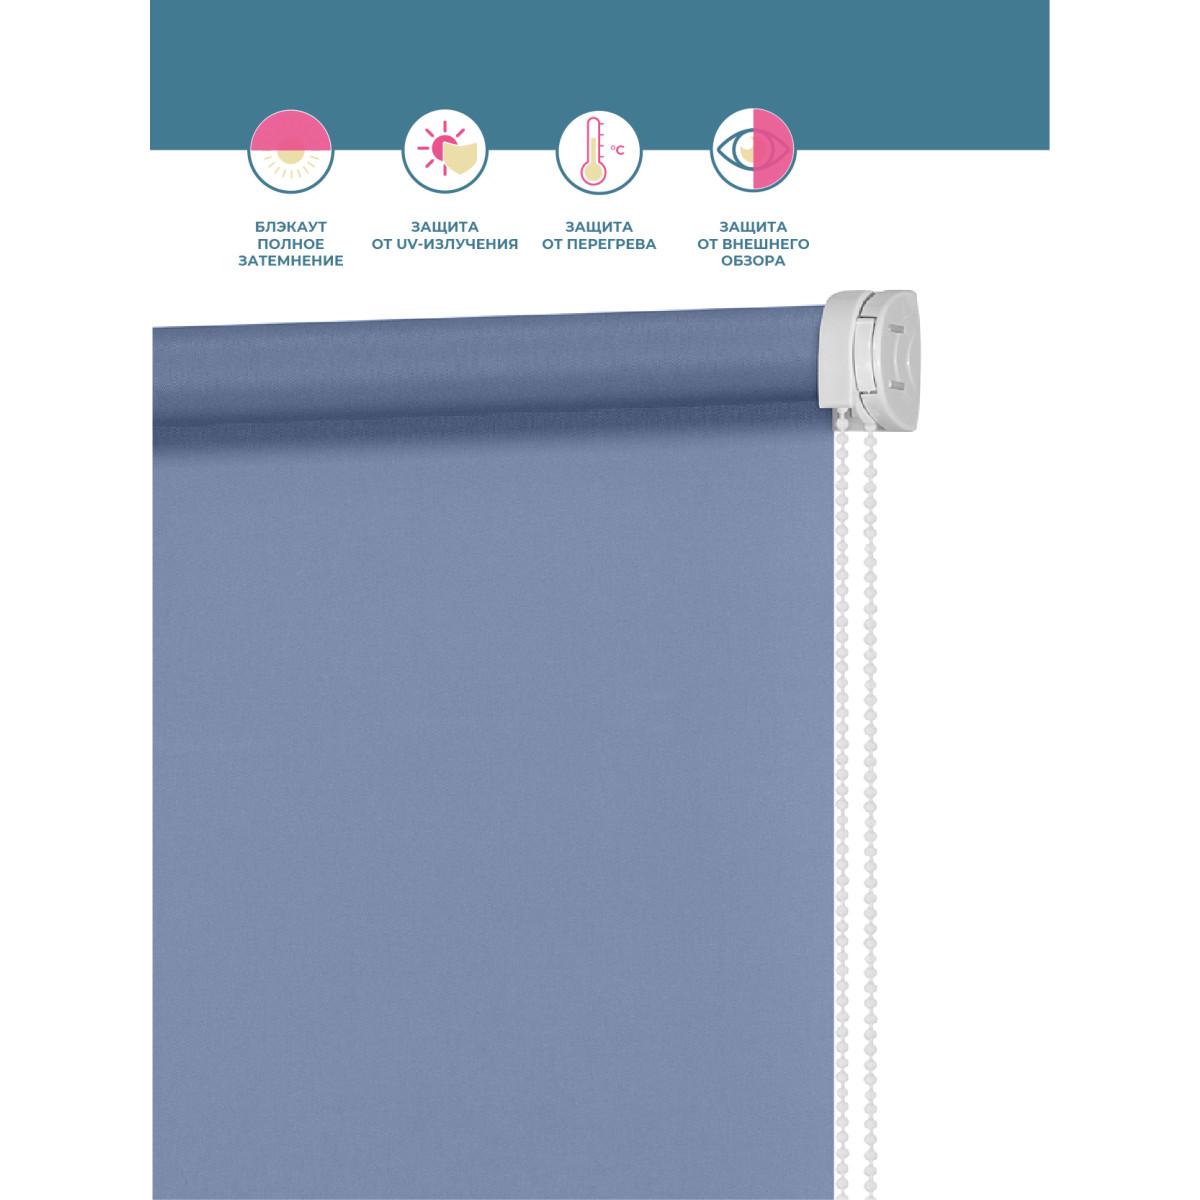 Рулонная Ора Decofest Плайн 120Х160 Цвет Синий